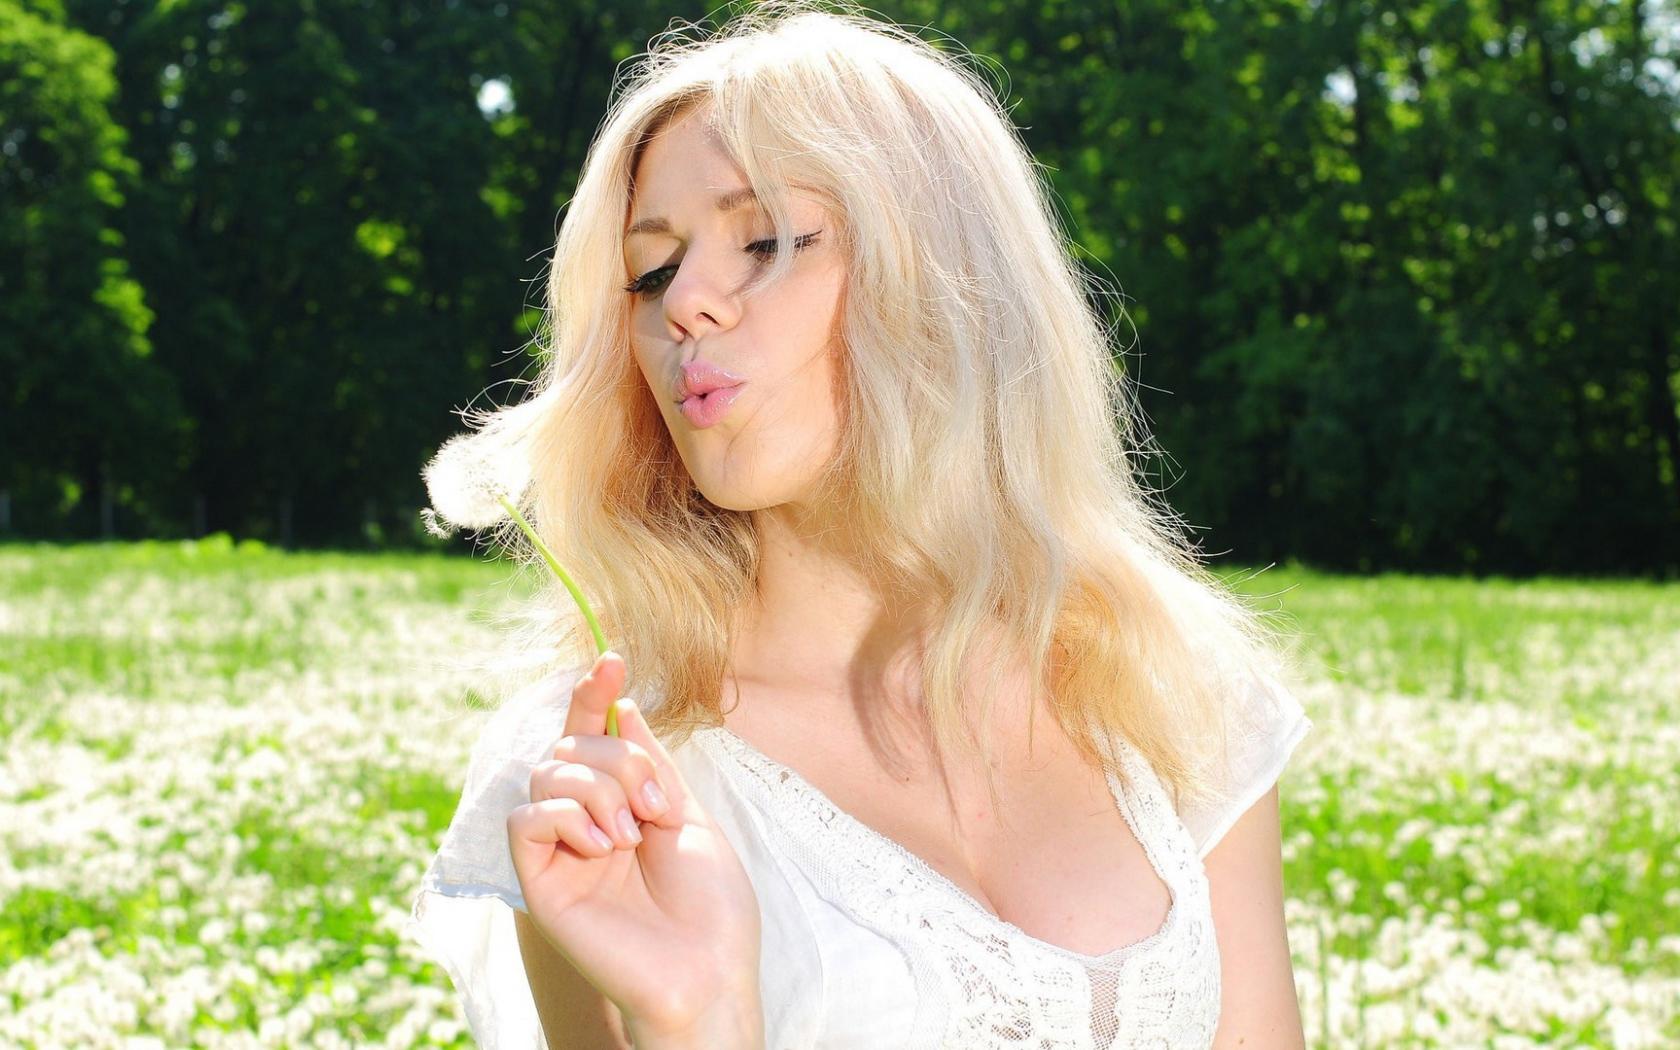 blondinka-i-otsos